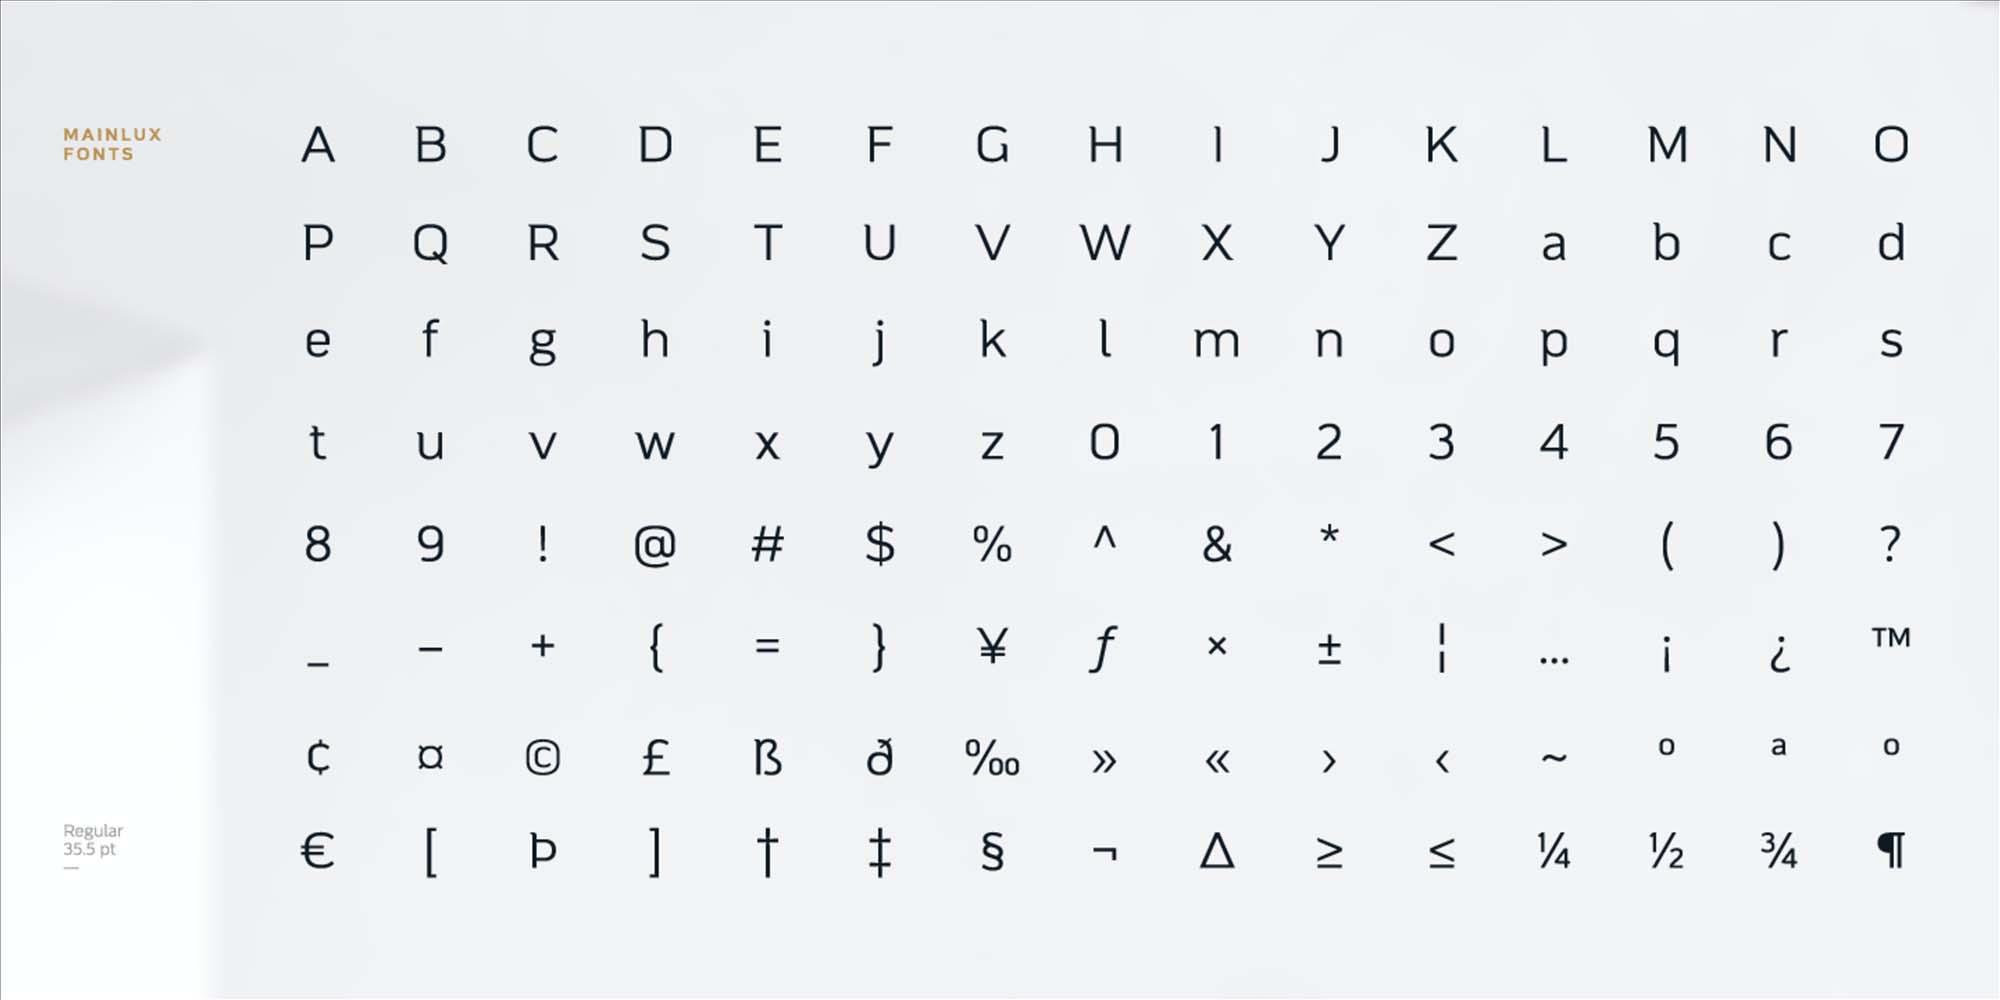 Mainlux Sans Serif Font 3